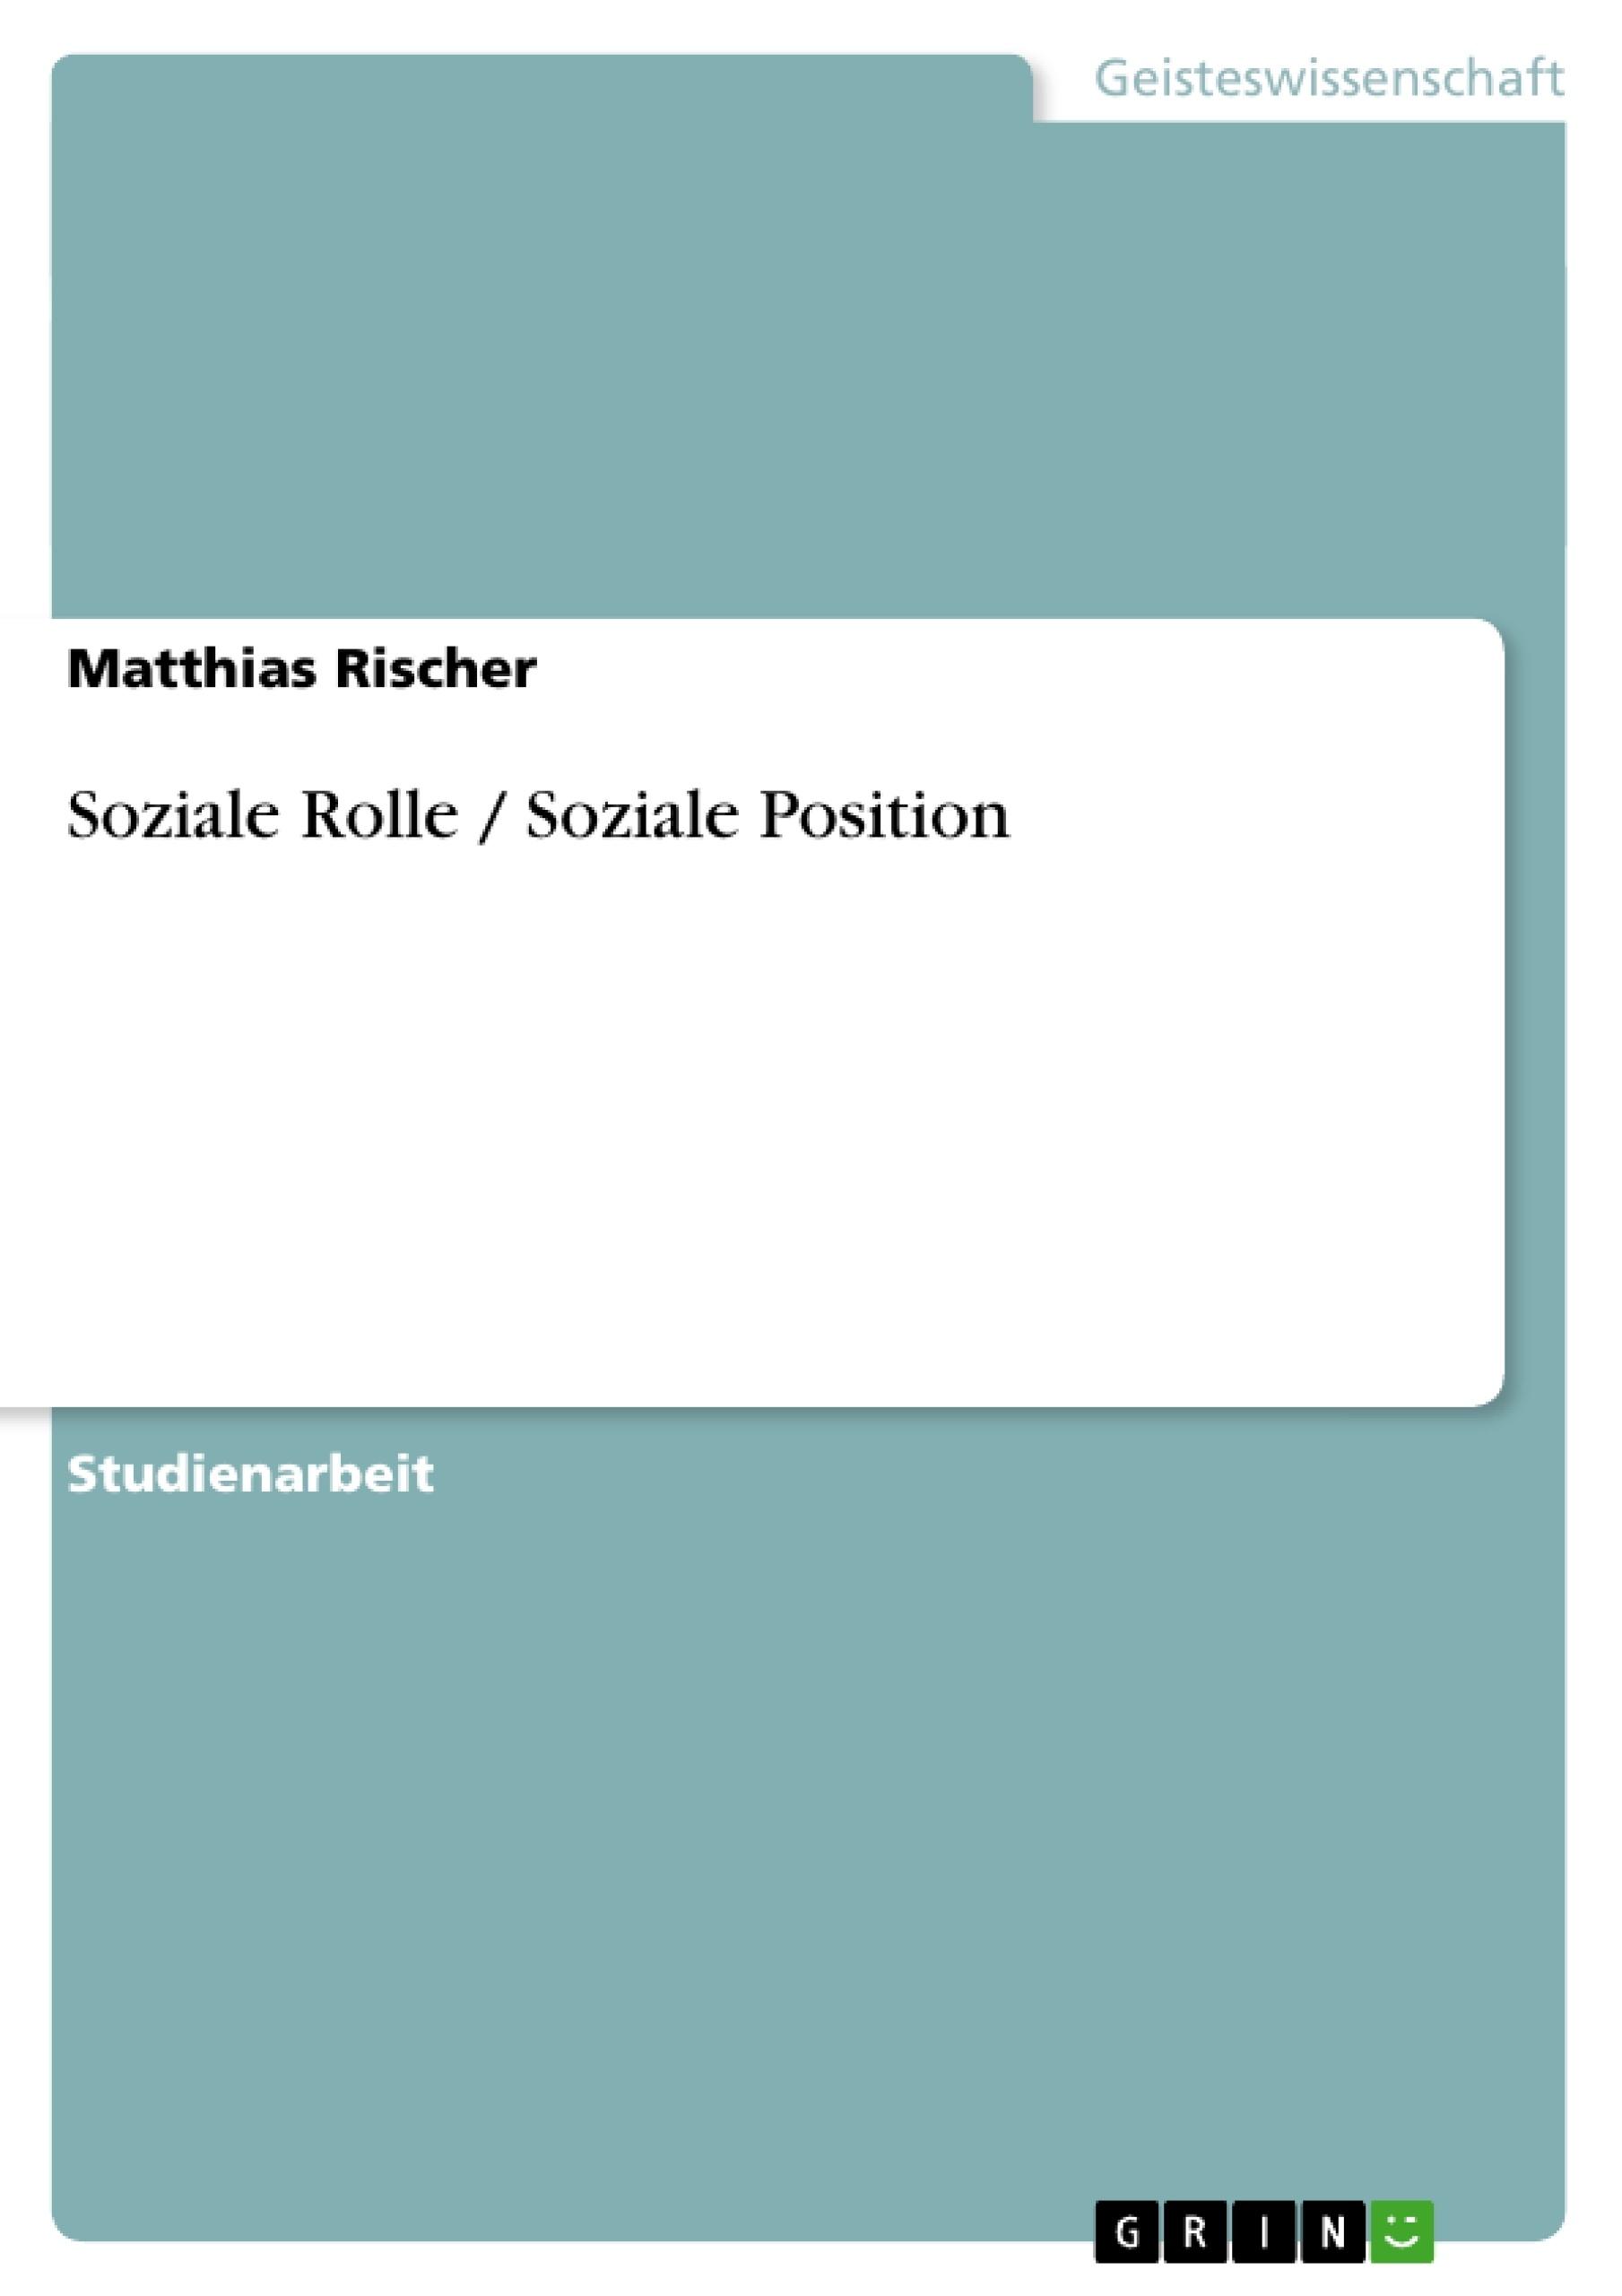 Titel: Soziale Rolle / Soziale Position